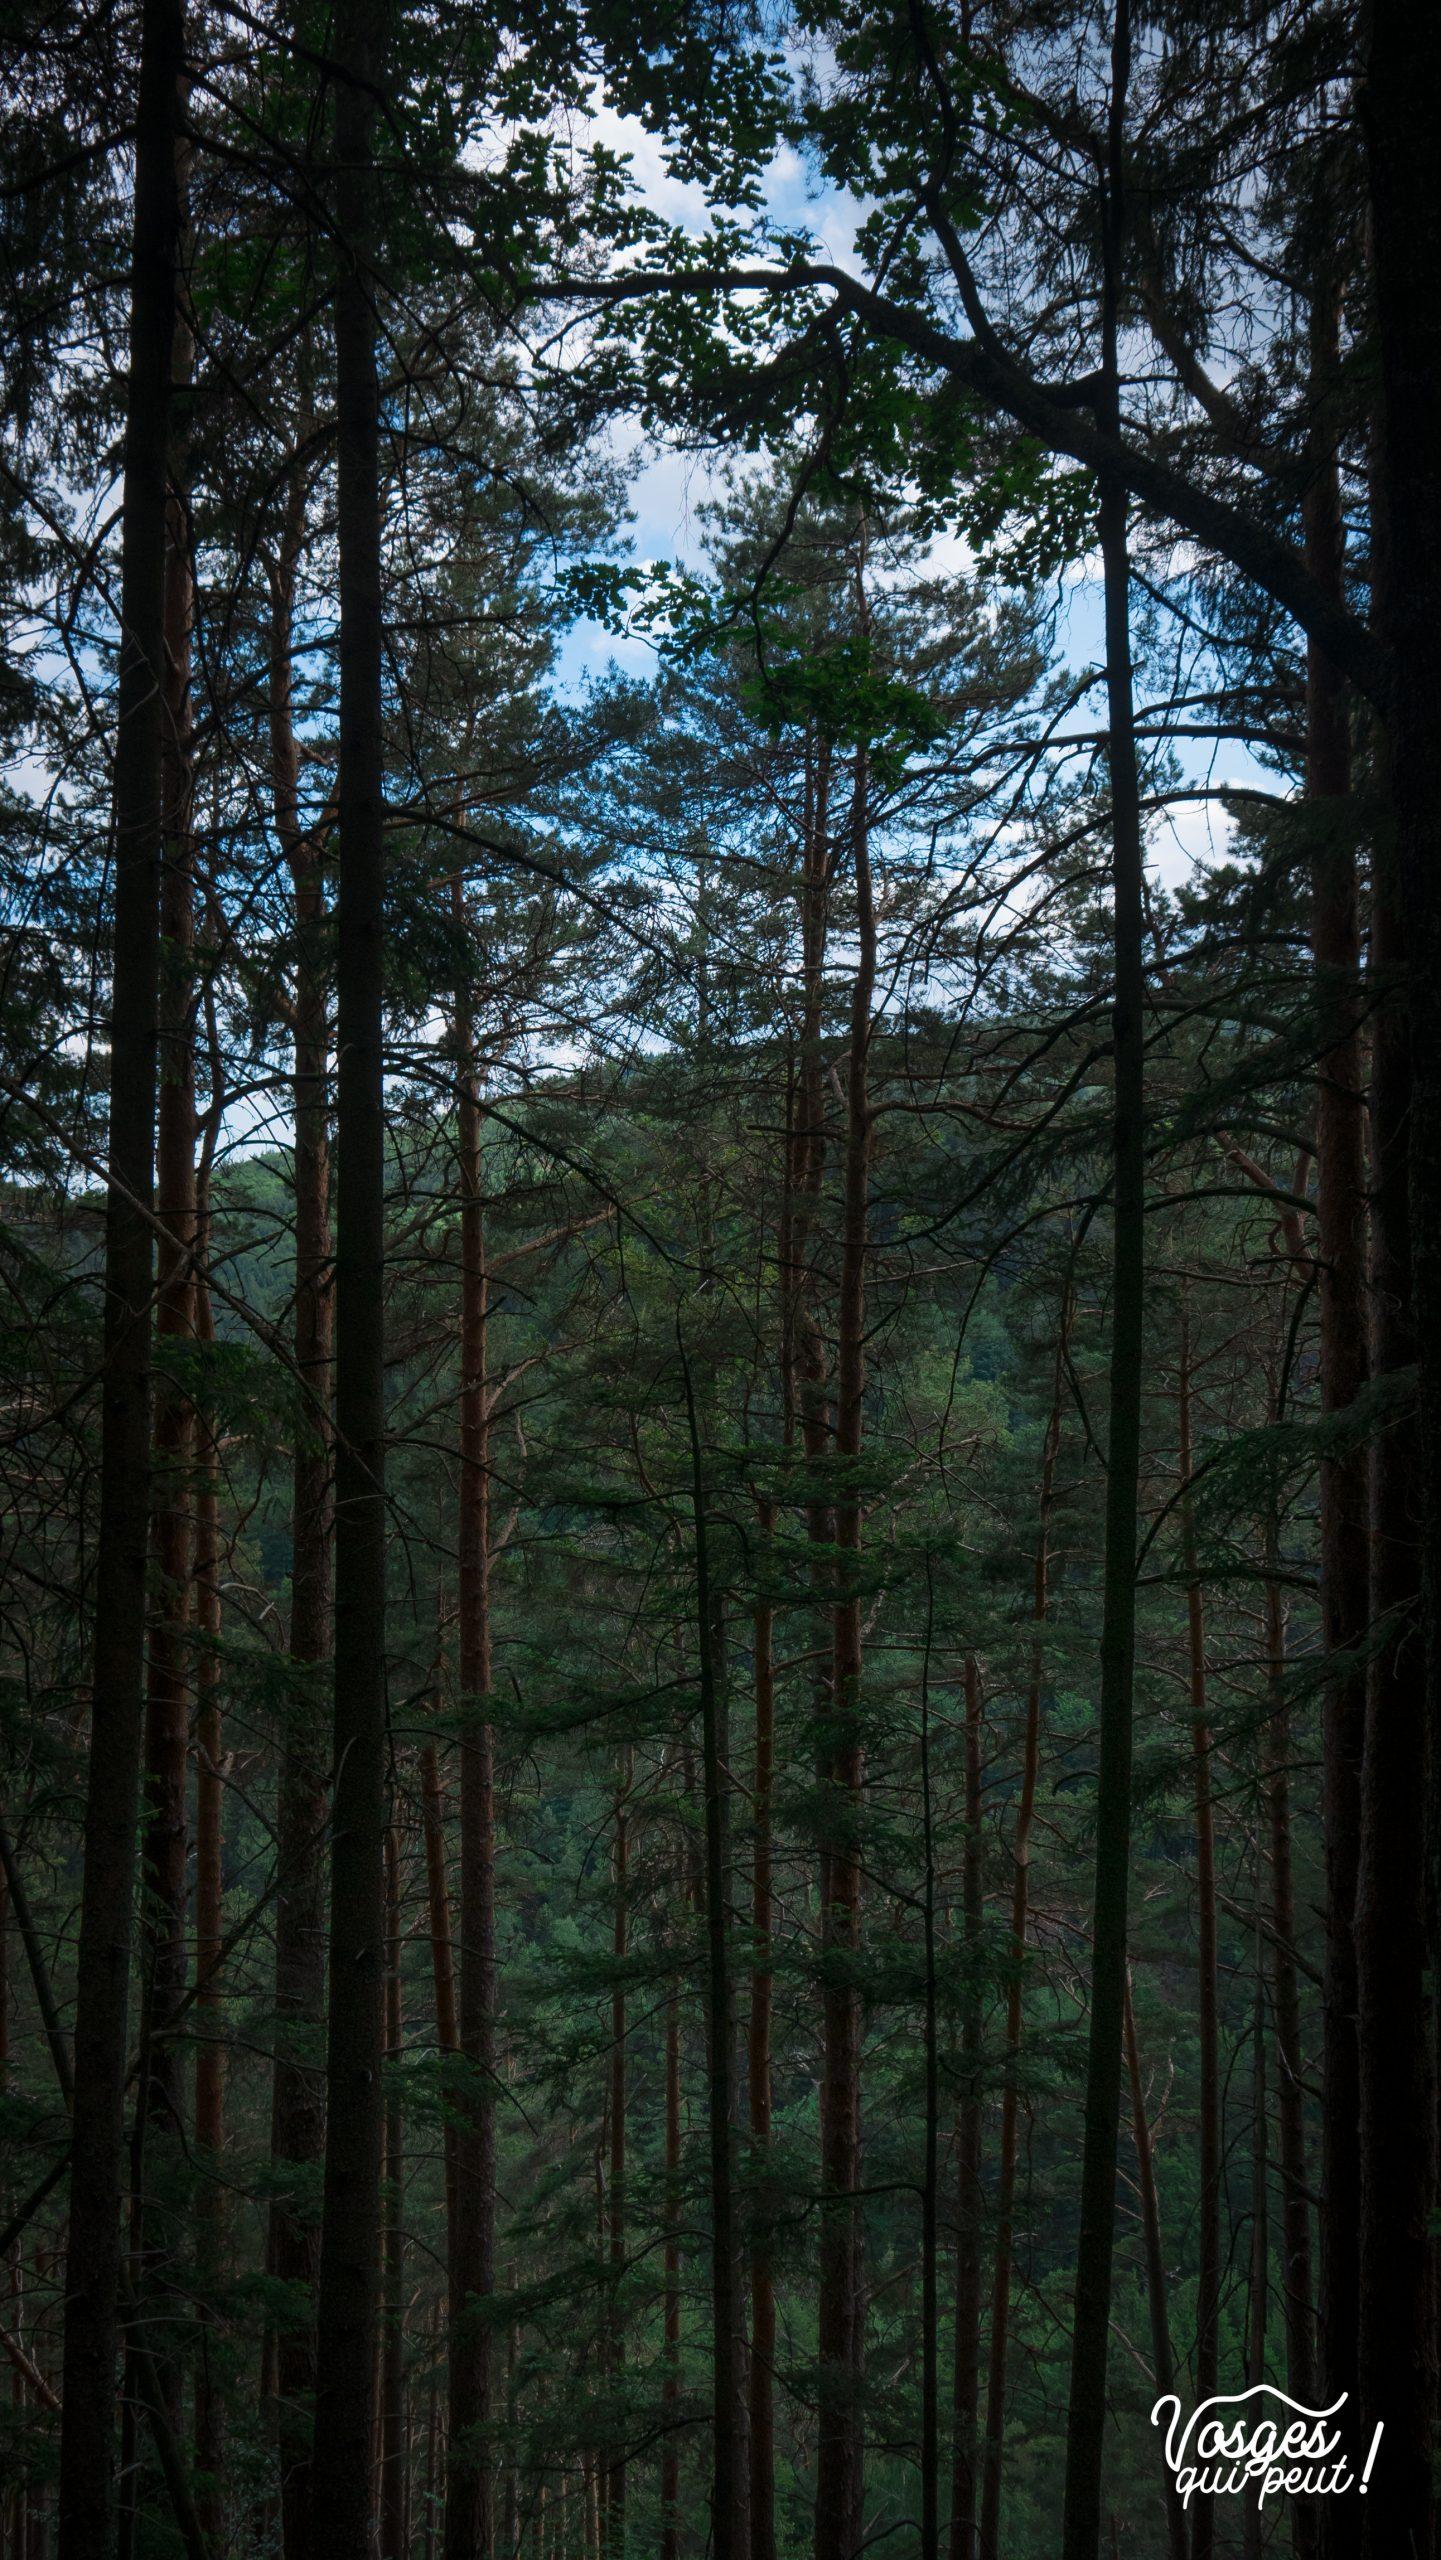 Les Vosges sont un massif forestier de moyenne montagne